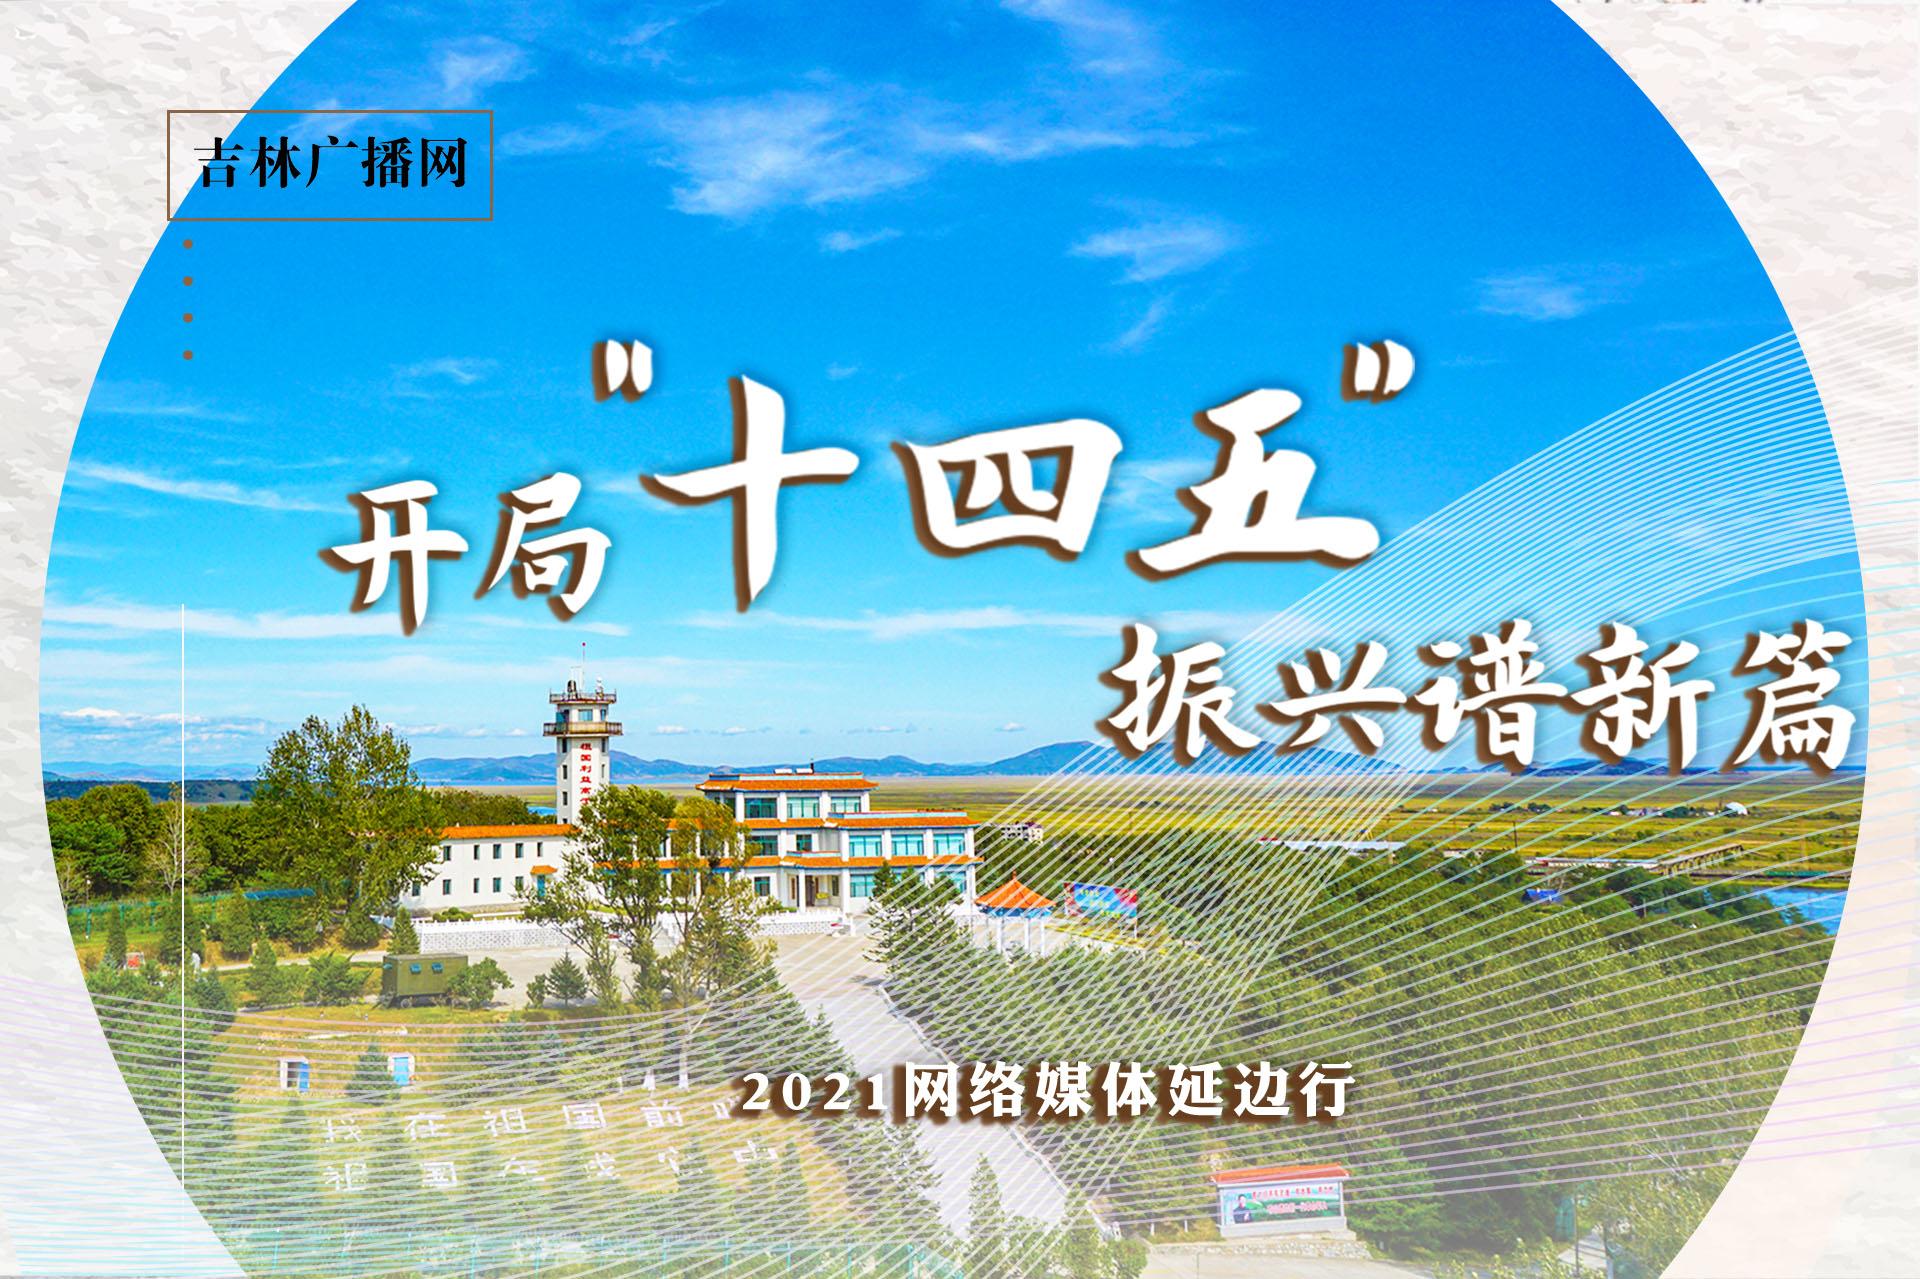 """开局""""十四五"""" 振兴谱新篇 2021网络媒体延边行"""